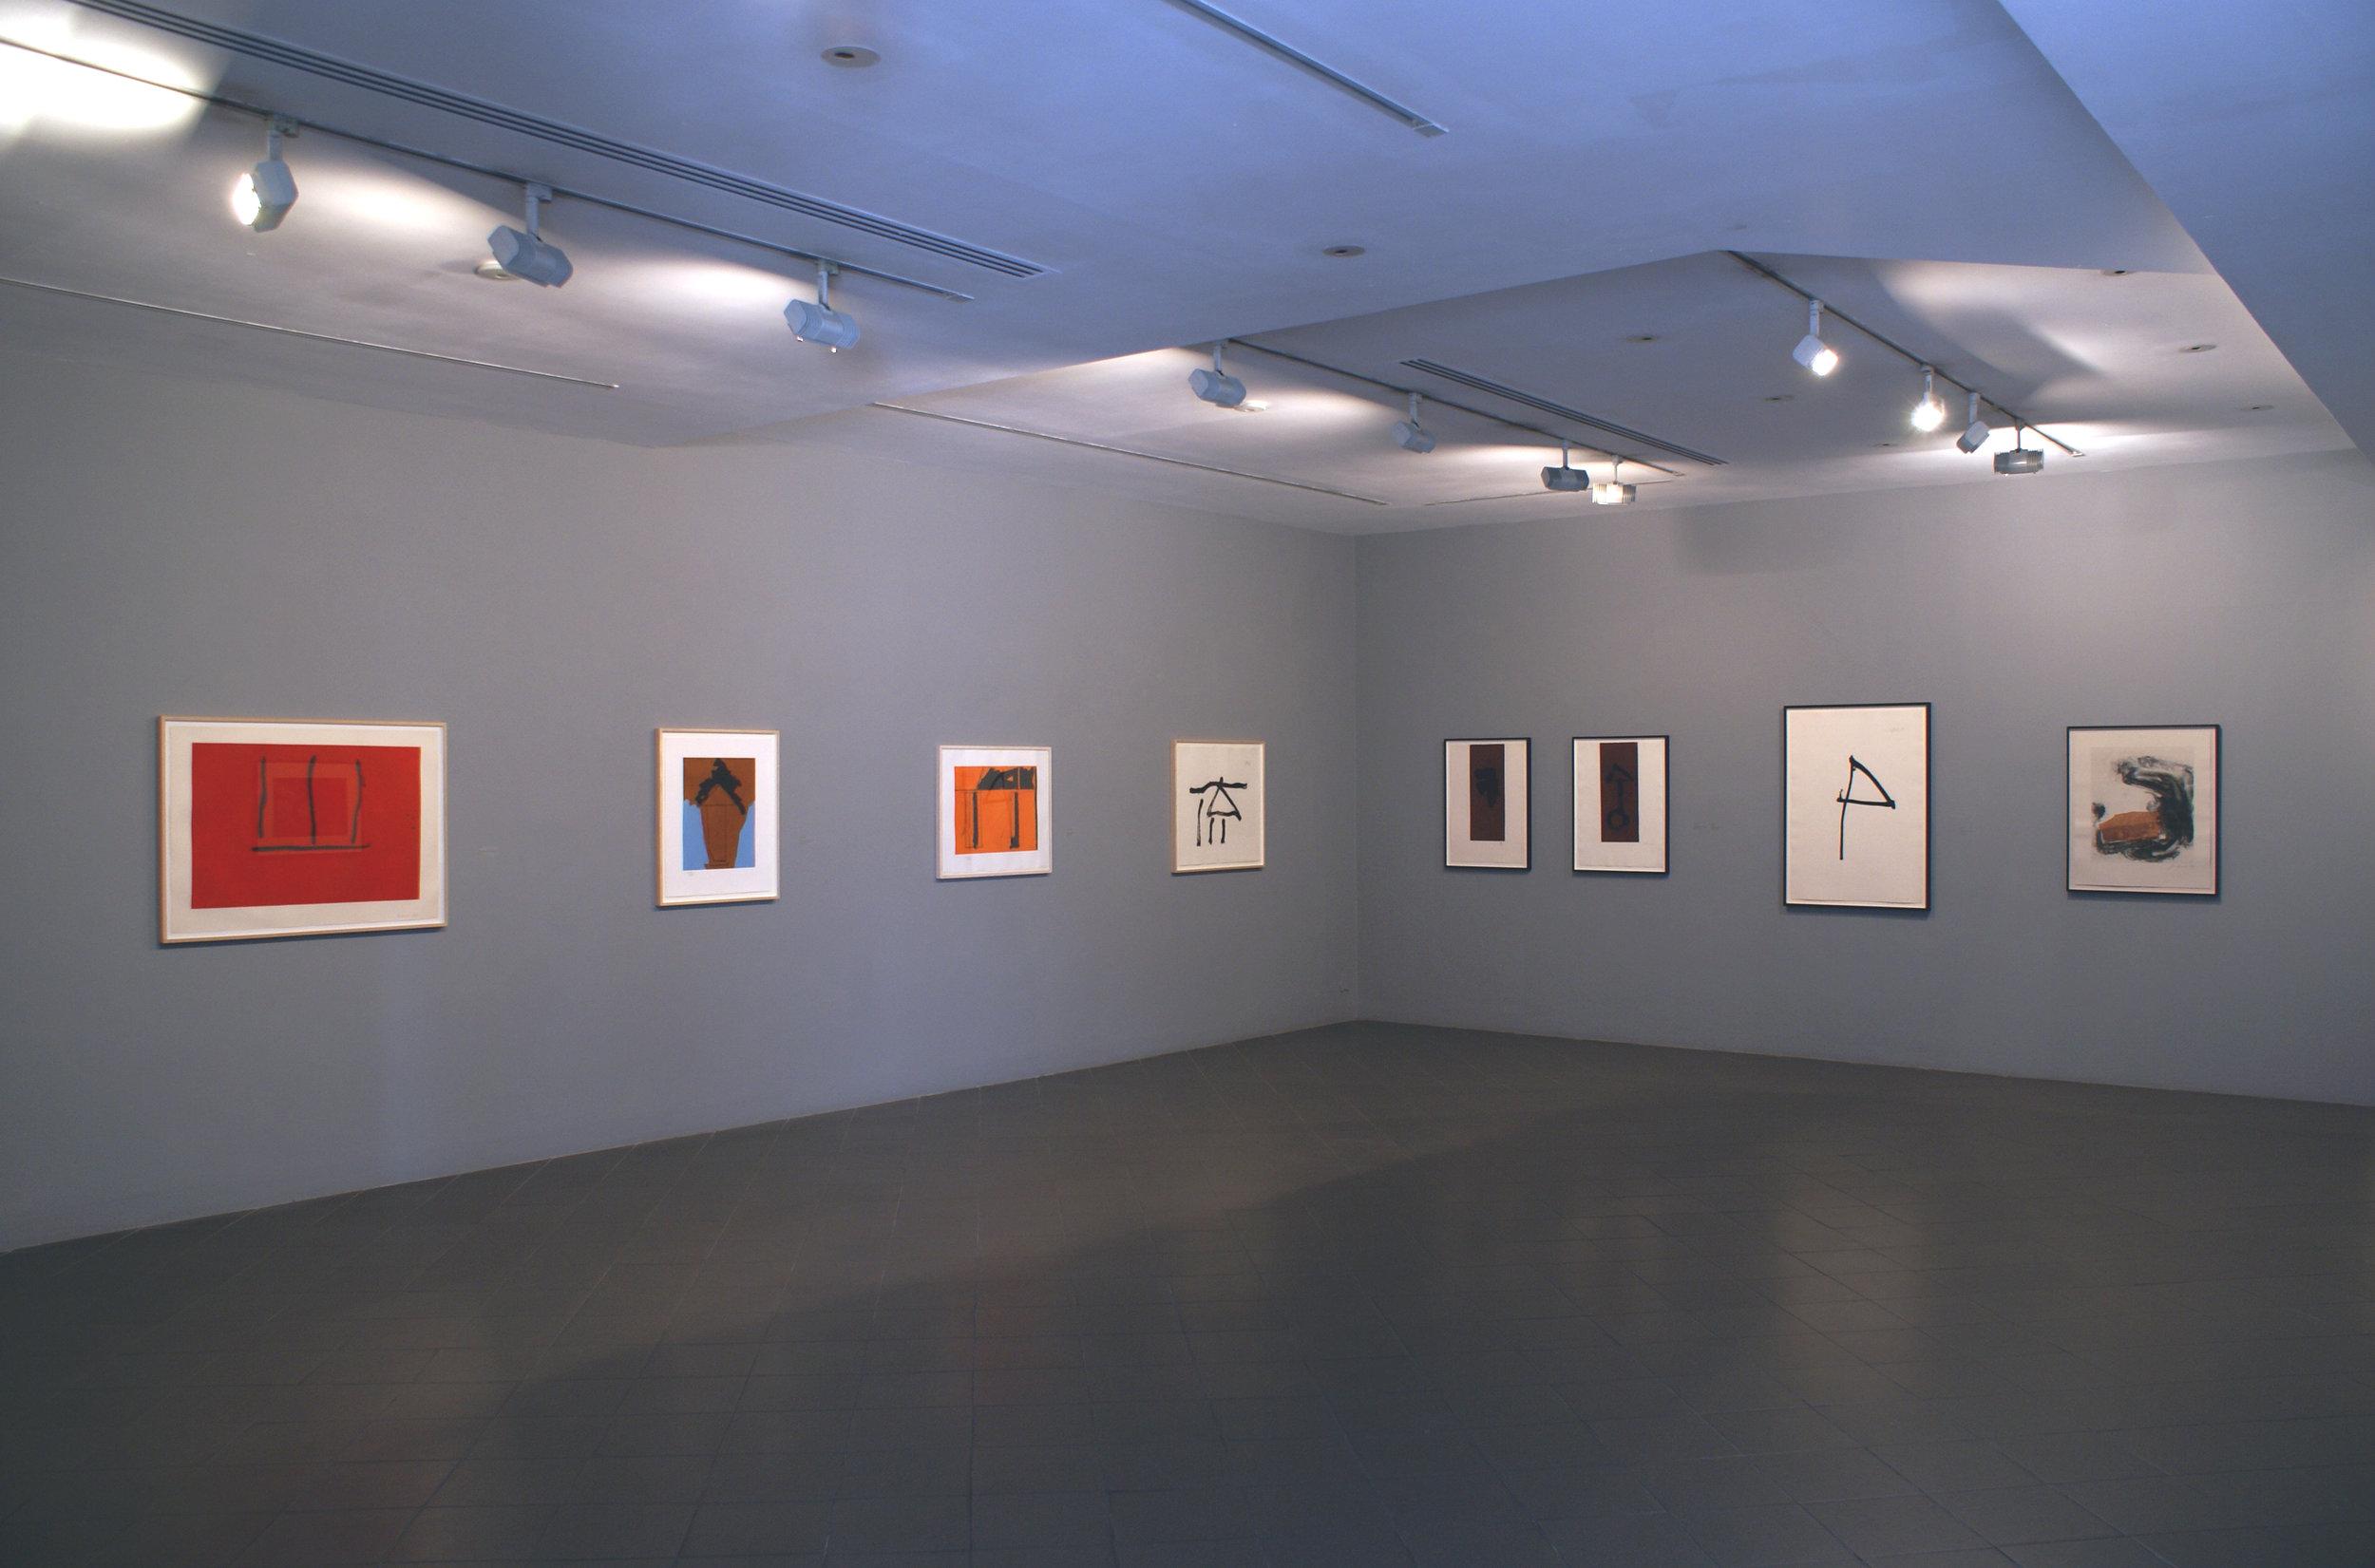 Motherwell, Prints from the artist's studio September 2012.1.JPG